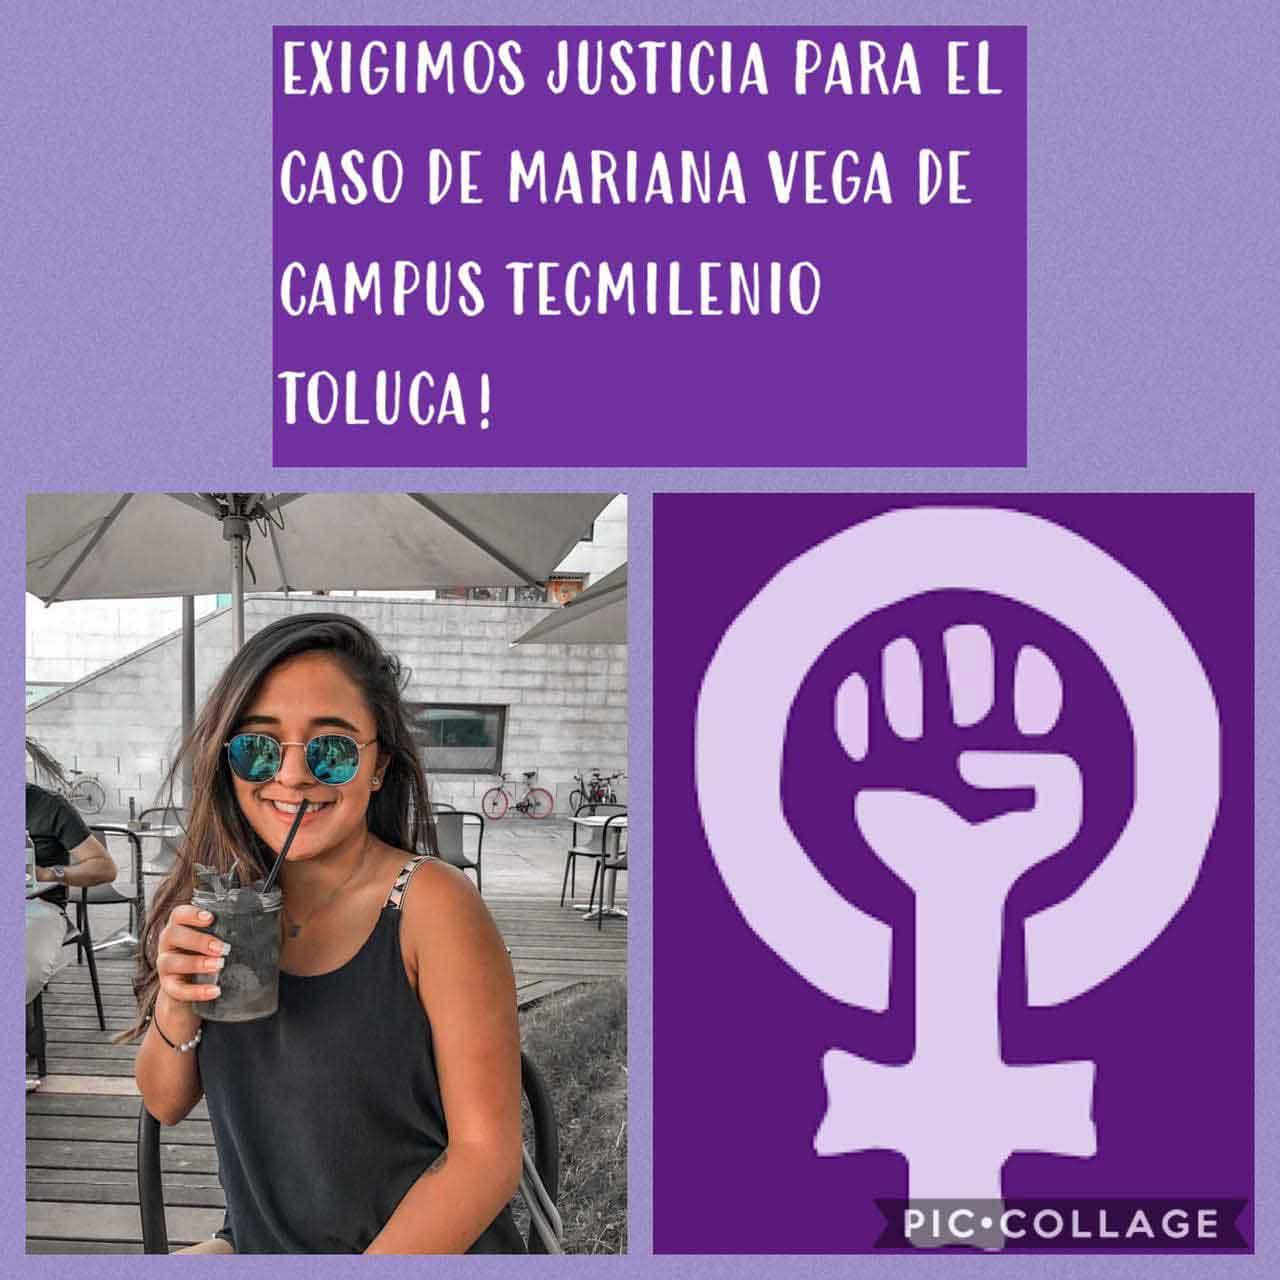 Mujer denuncia caso de abuso. Mujeres de Toluca piden justicia.